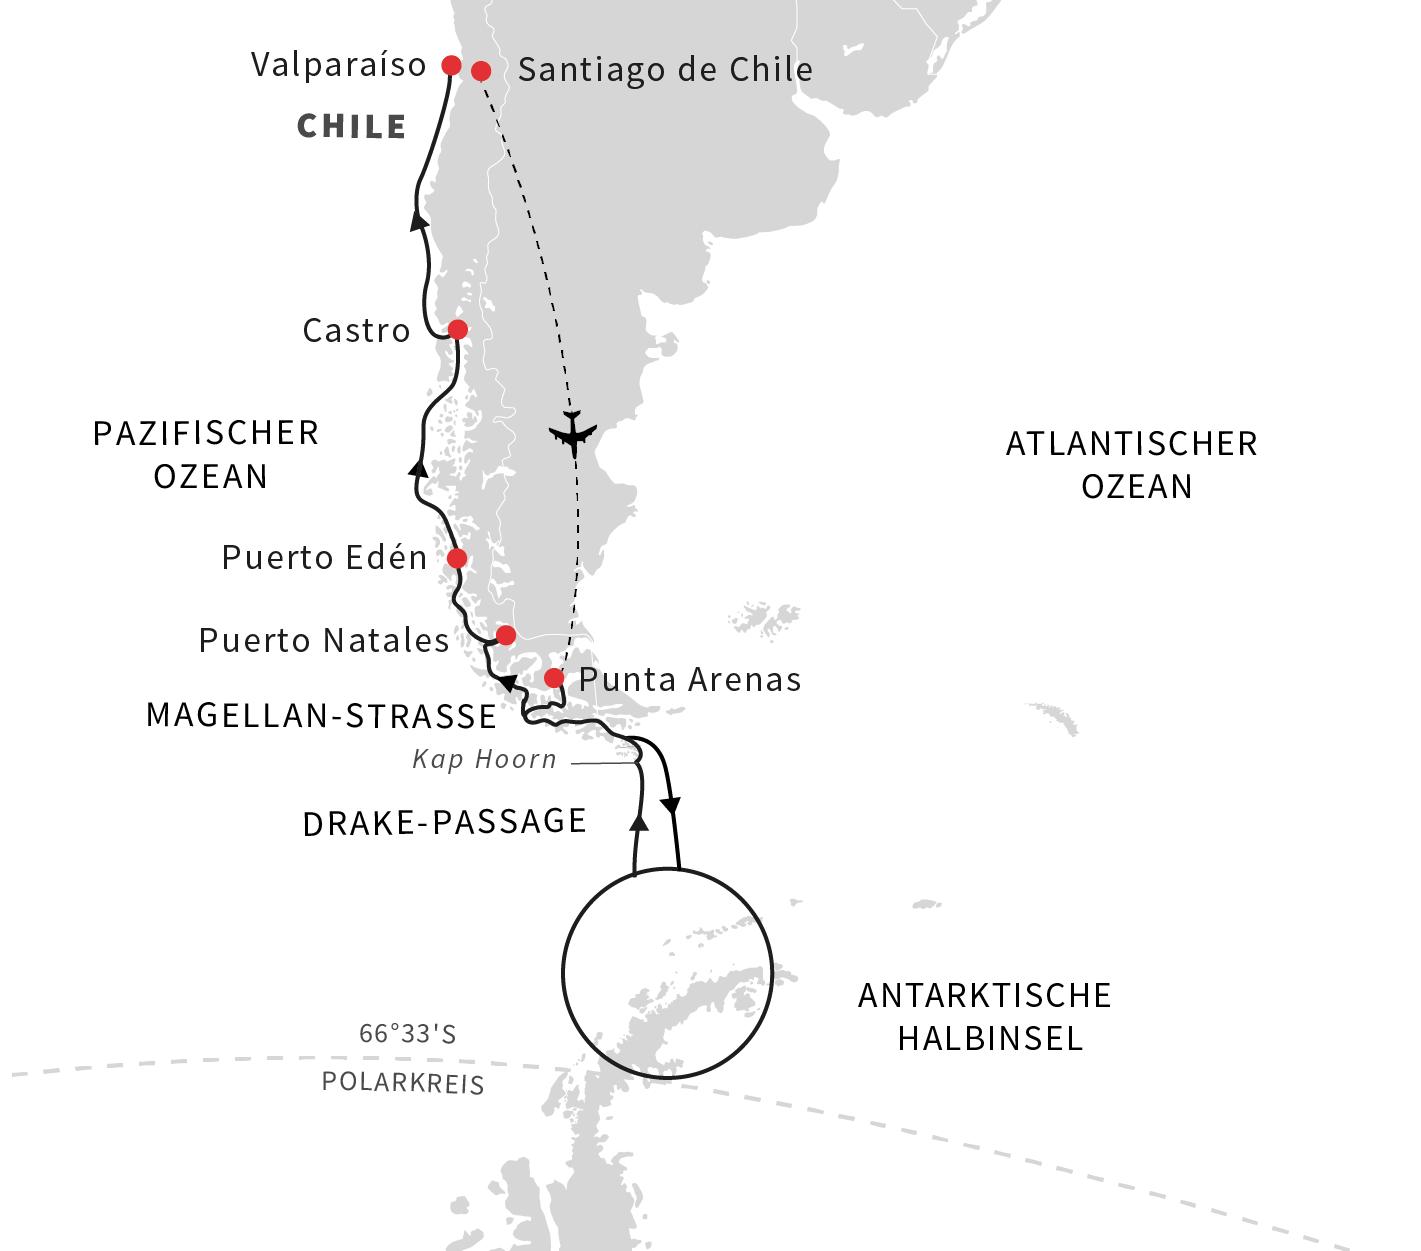 Entdeckungsreise Antarktis, Patagonien und chilenische Fjorde - Kurs Nord